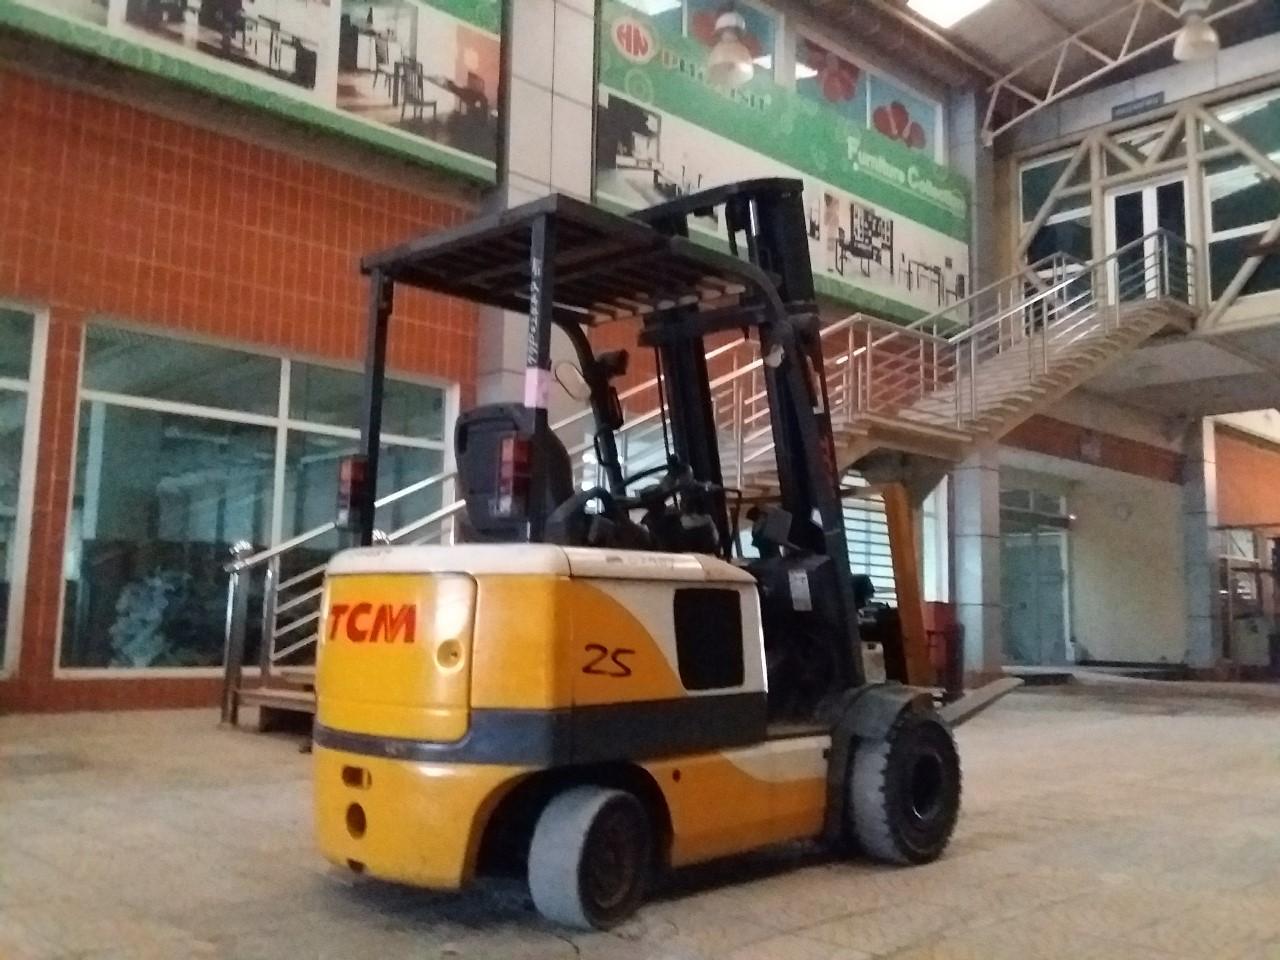 Xe nâng điện ngồi lái hiệu TCM FB25-6, 2001, V4000, SK 77P02489